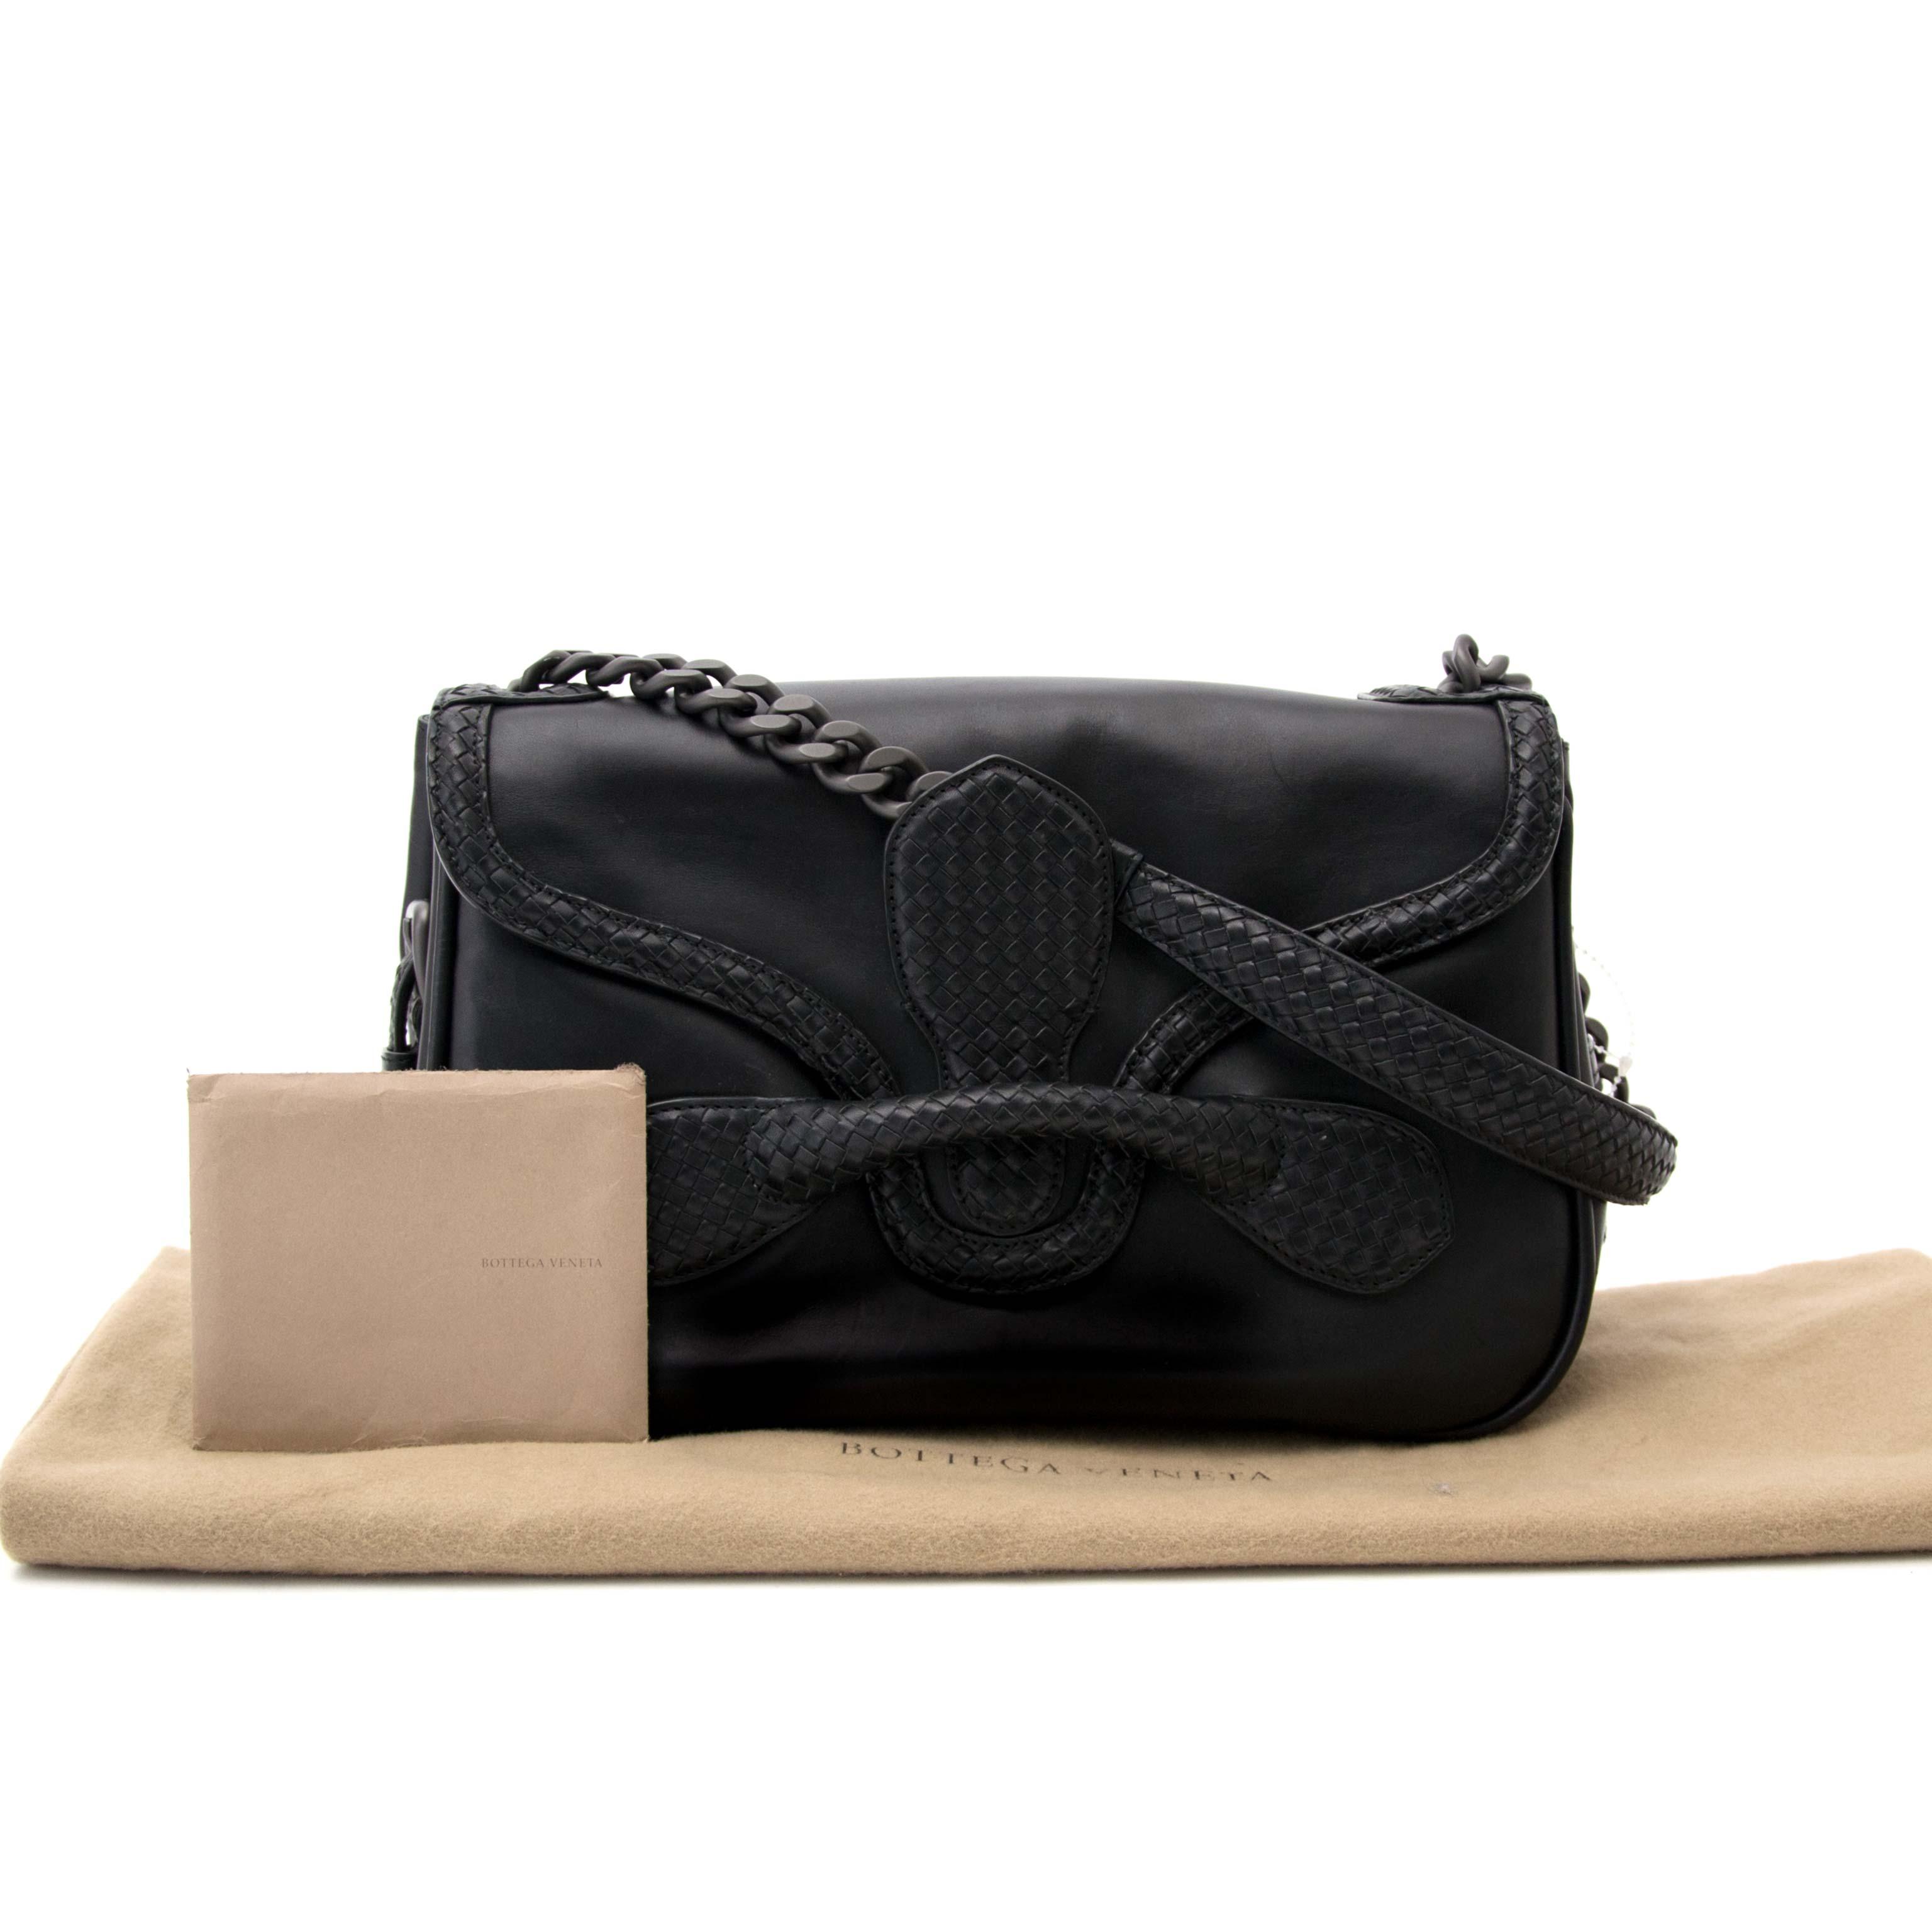 acheter Limited Bottega Veneta Rialto Shoulder Bag pour le meilleur prix Limited Bottega Veneta Rialto Shoulder Bag